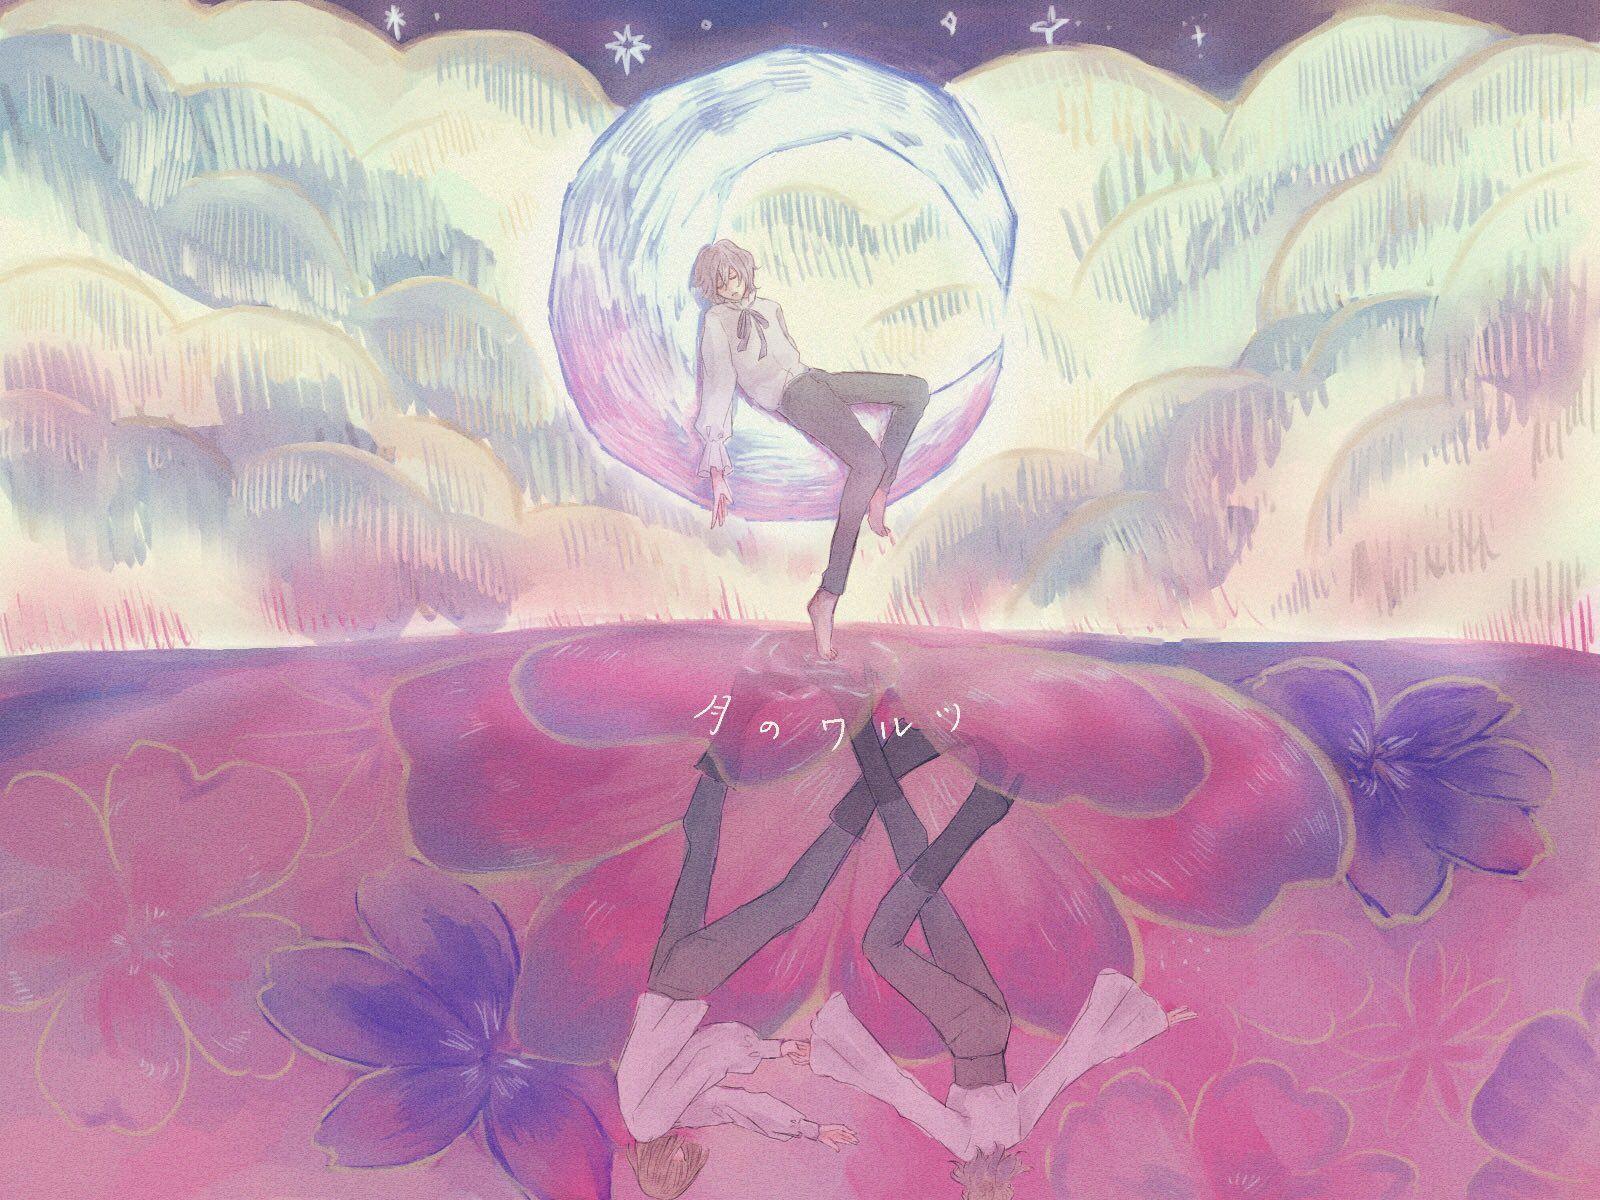 はらまる on Twitter in 2020 Ensemble stars, Wonderland, Anime